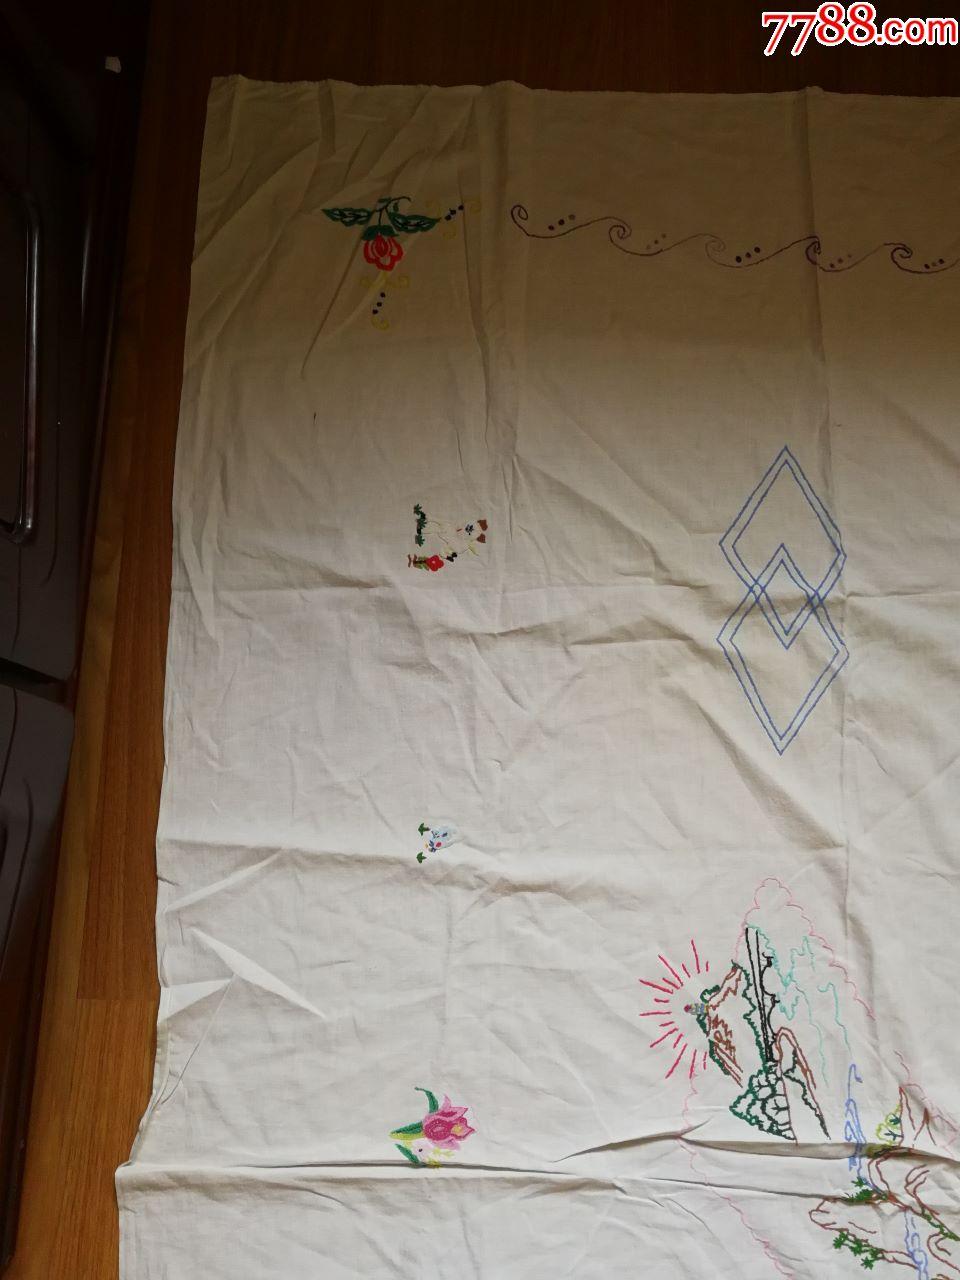 沙发罩布图片_宝岛延安小朋友和小动物图案手工刺绣桌布一个-价格:68.0000元 ...